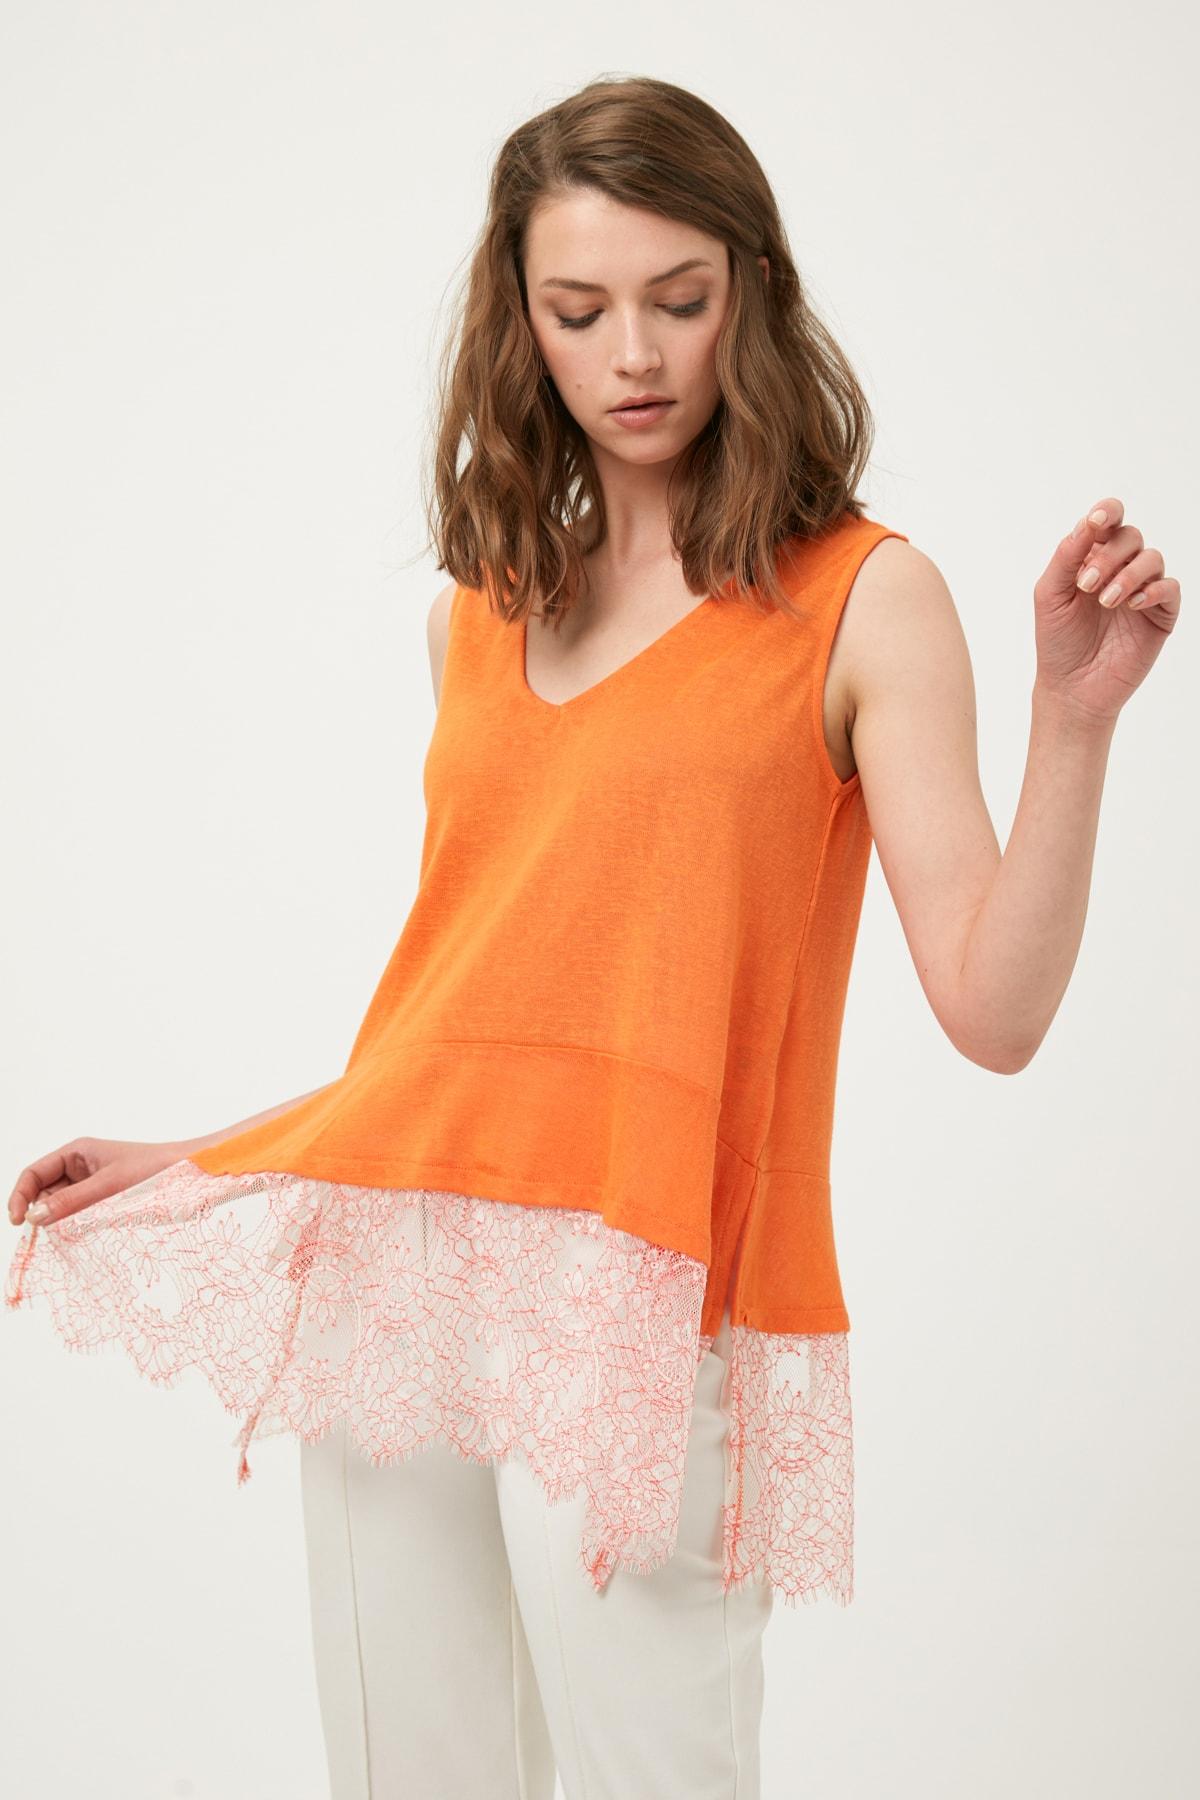 İpekyol Kadın Turuncu Eteği Dantel Mixli Tshirt IS1190070350127 1